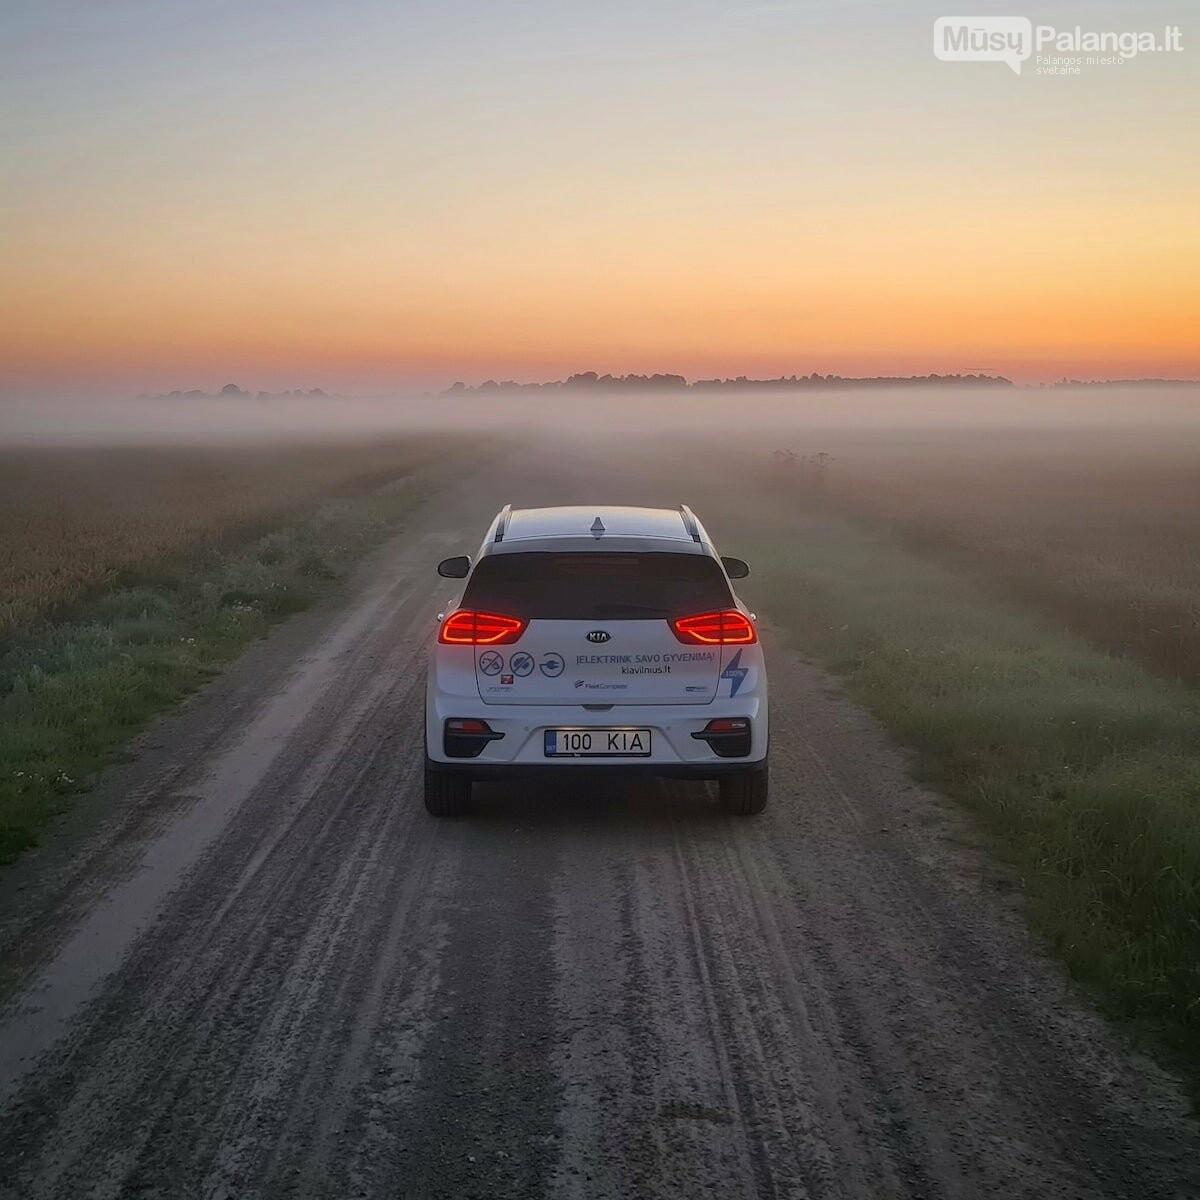 Naujas rekordas: elektromobiliu aplink Lietuvą per 22 valandas, nuotrauka-4, Vytauto PILKAUSKO ir rekordo autorių nuotr.